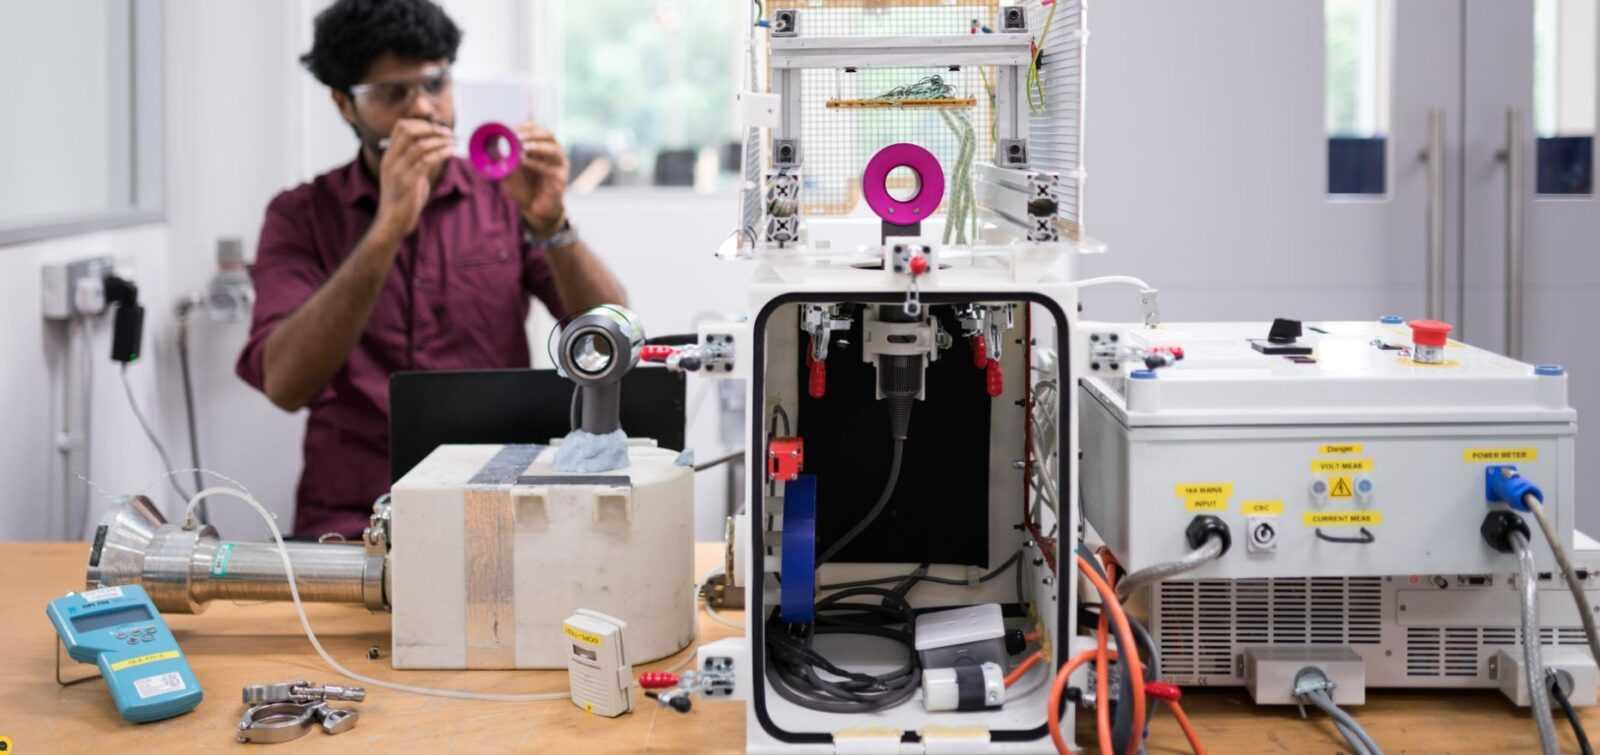 Dyson инвестирует 2,7 млрд в исследование новых технологий (dyson)